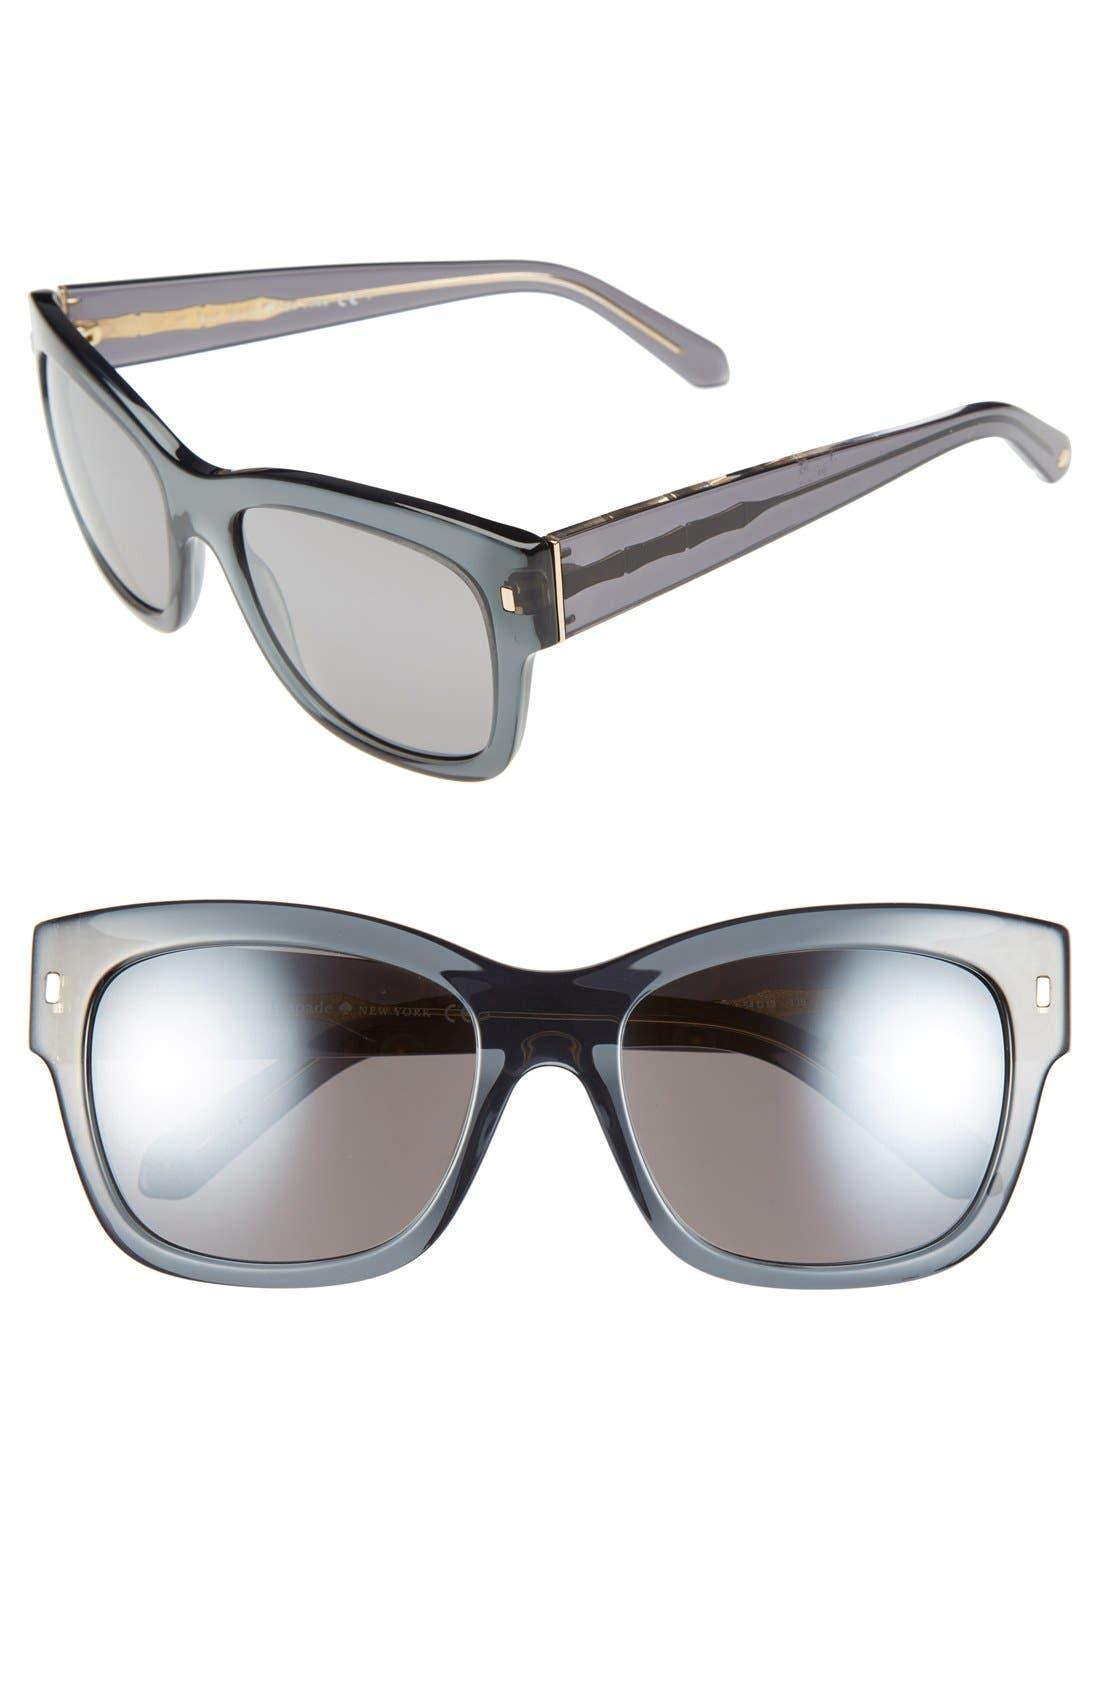 Alternate Image 1 Selected - kate spade new york 'tahira' 54mm retro sunglasses